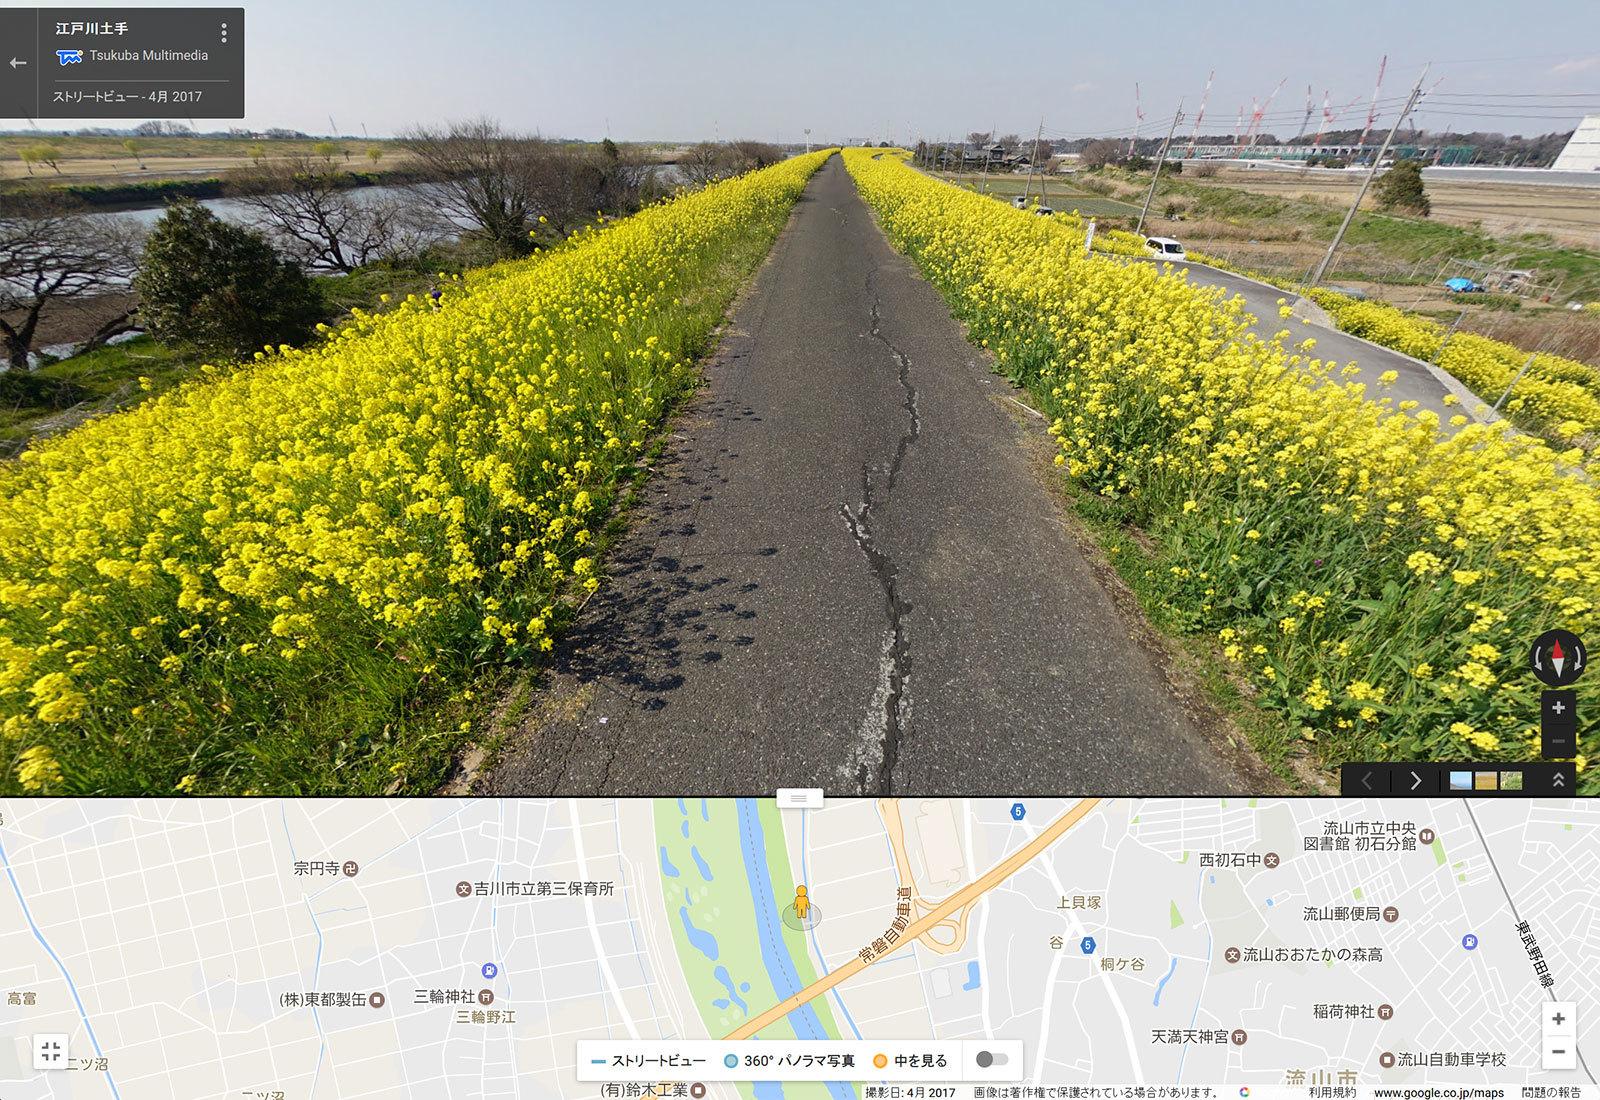 ストリートビュー写真(江戸川菜の花)